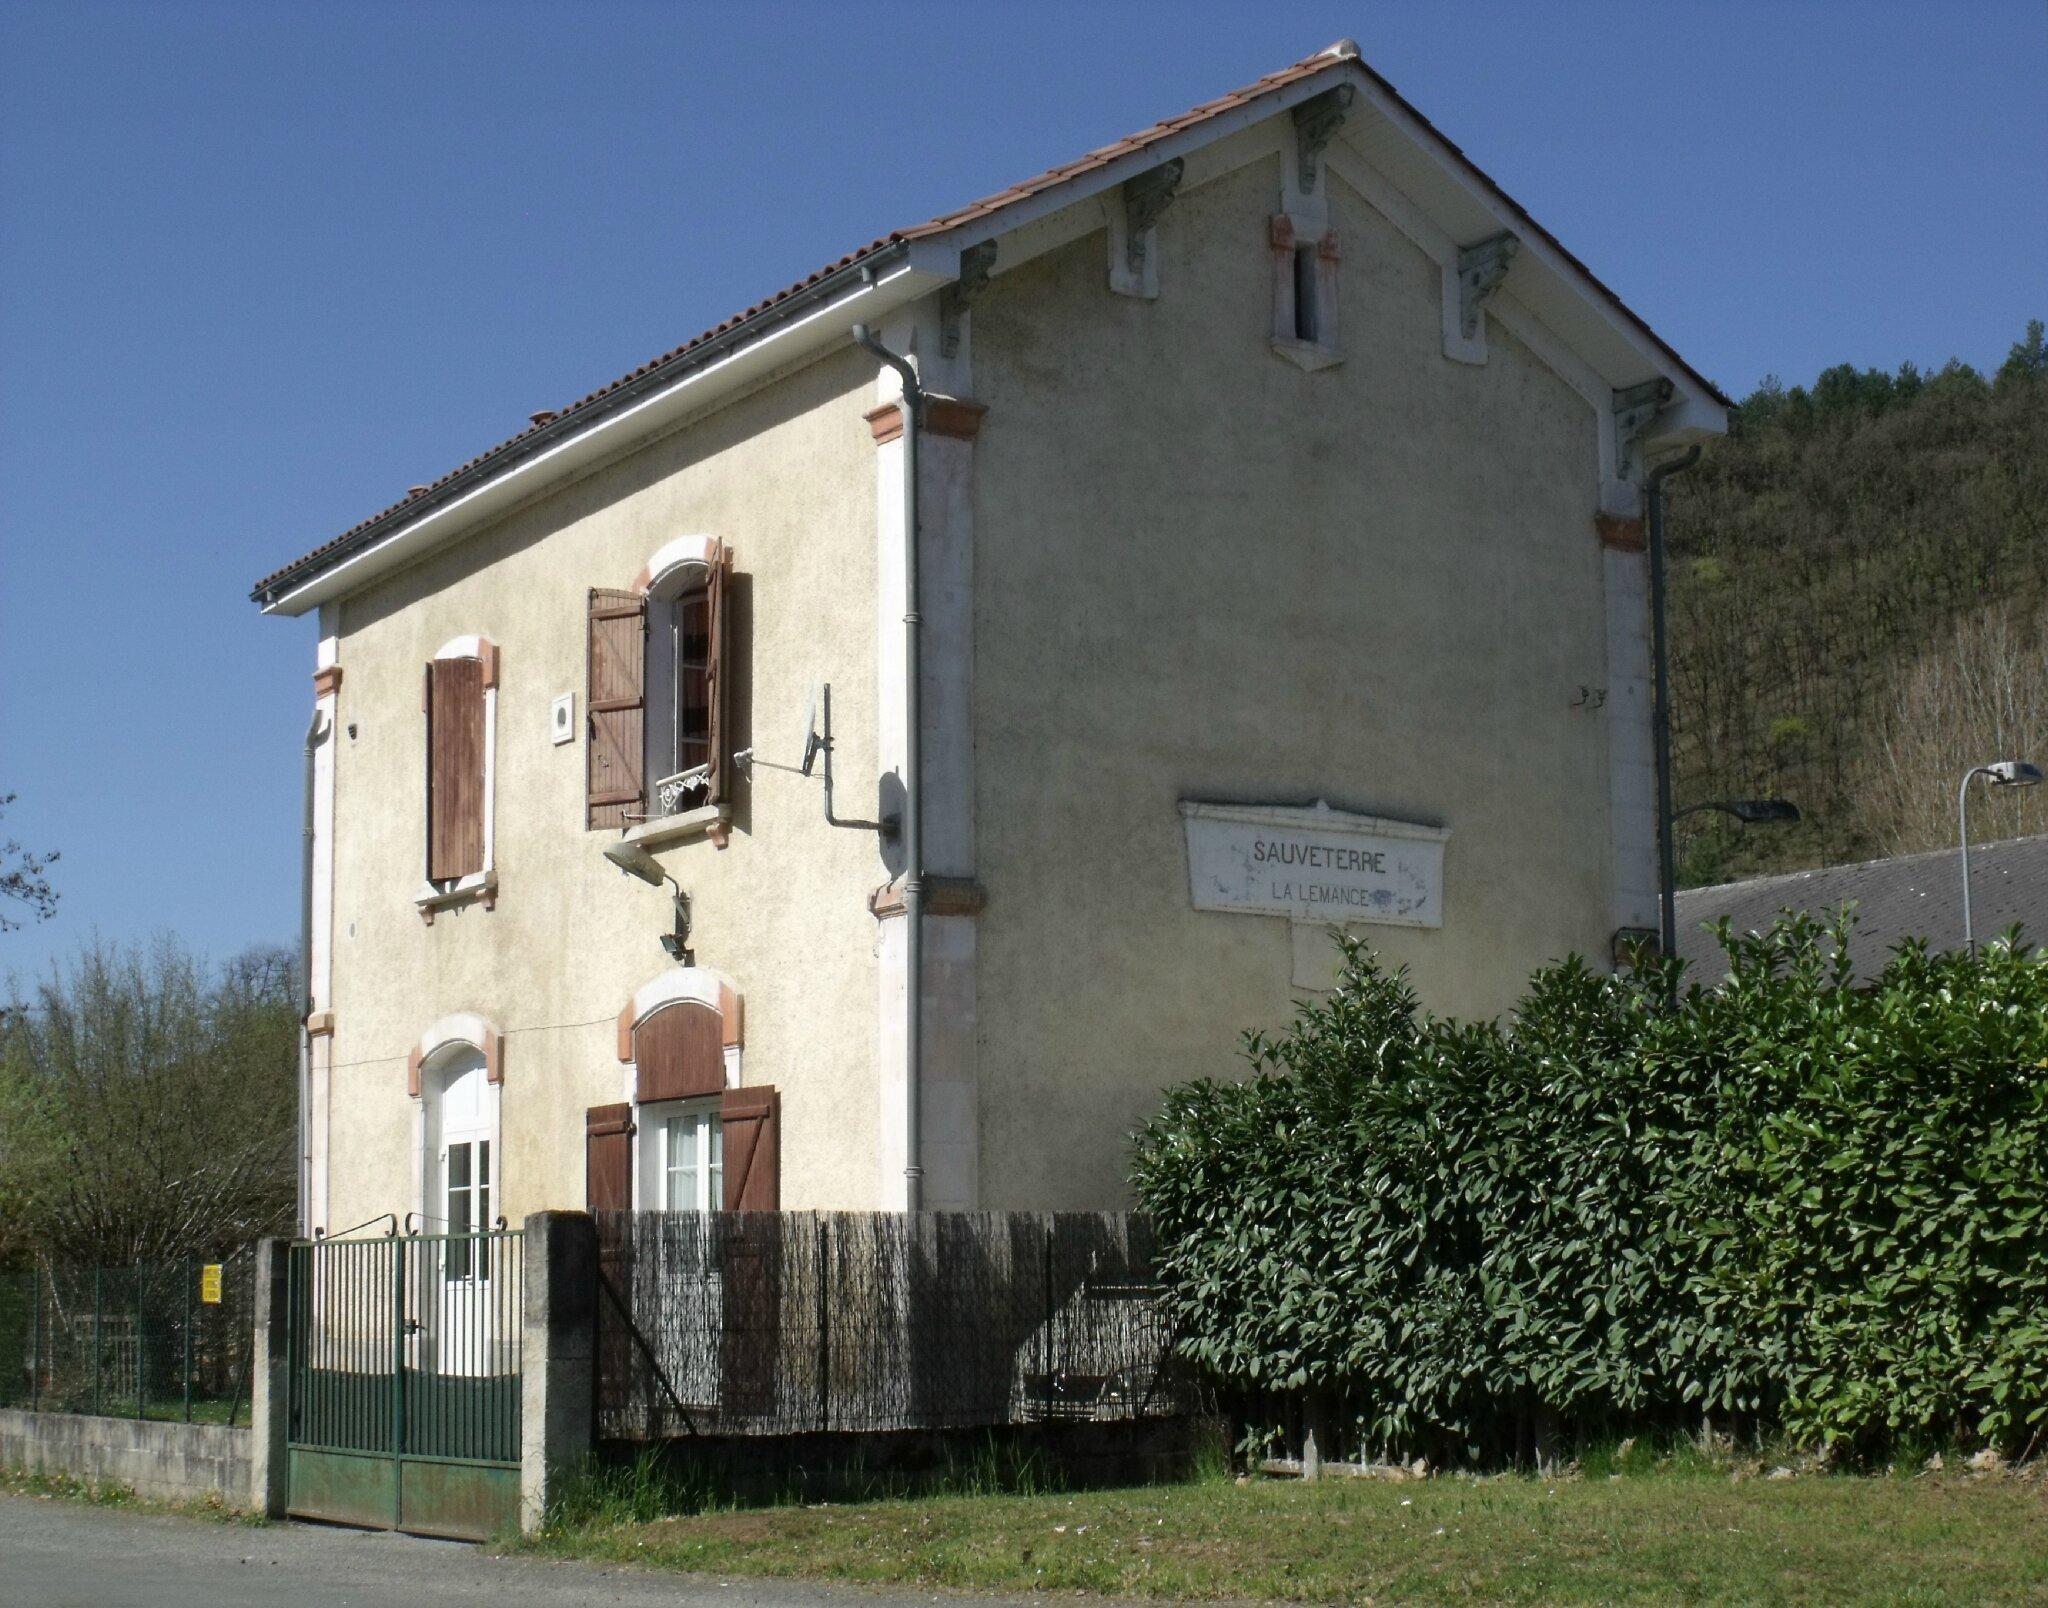 Sauveterre-la-Lémance (Lot-et-Garonne - 47)